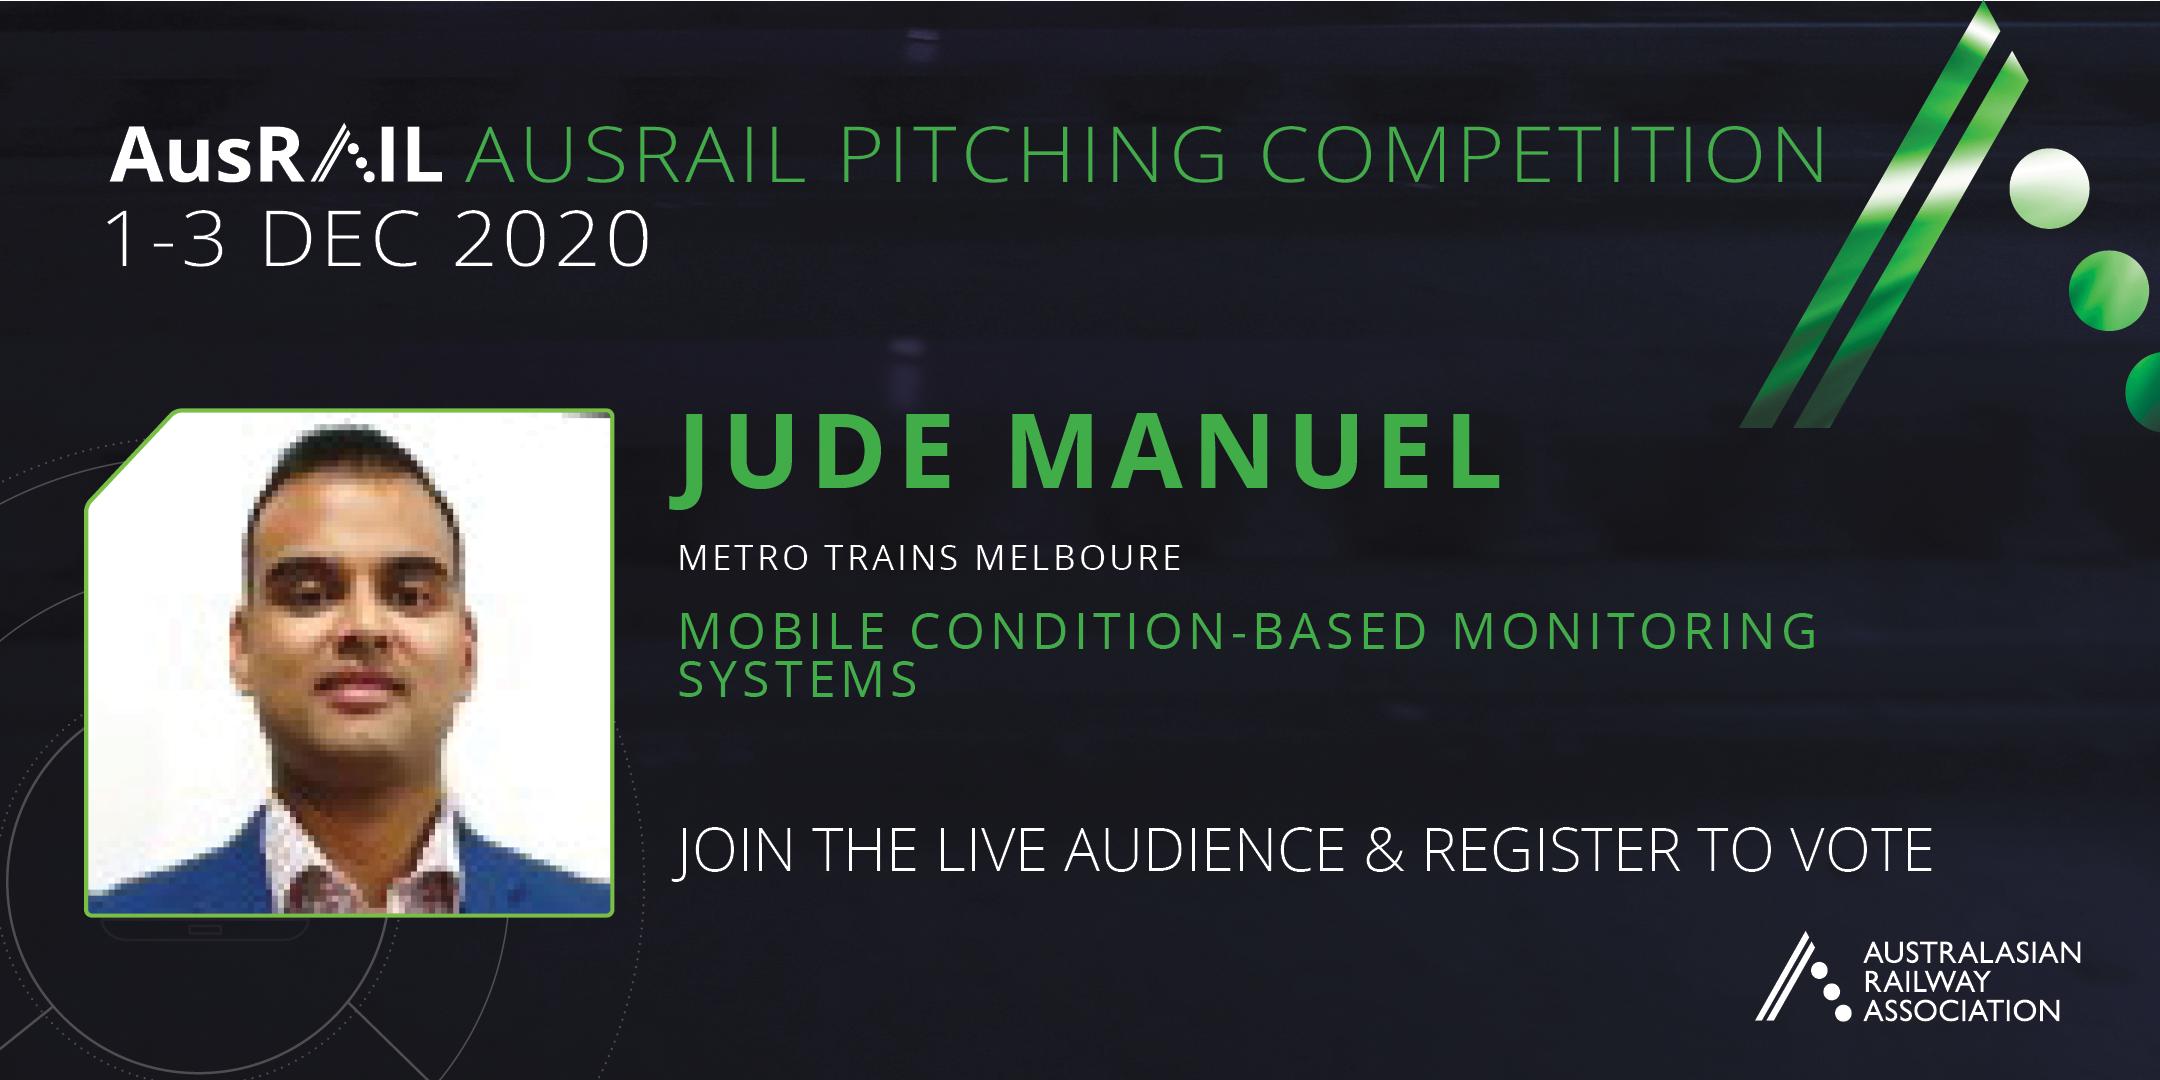 Jude Manuel